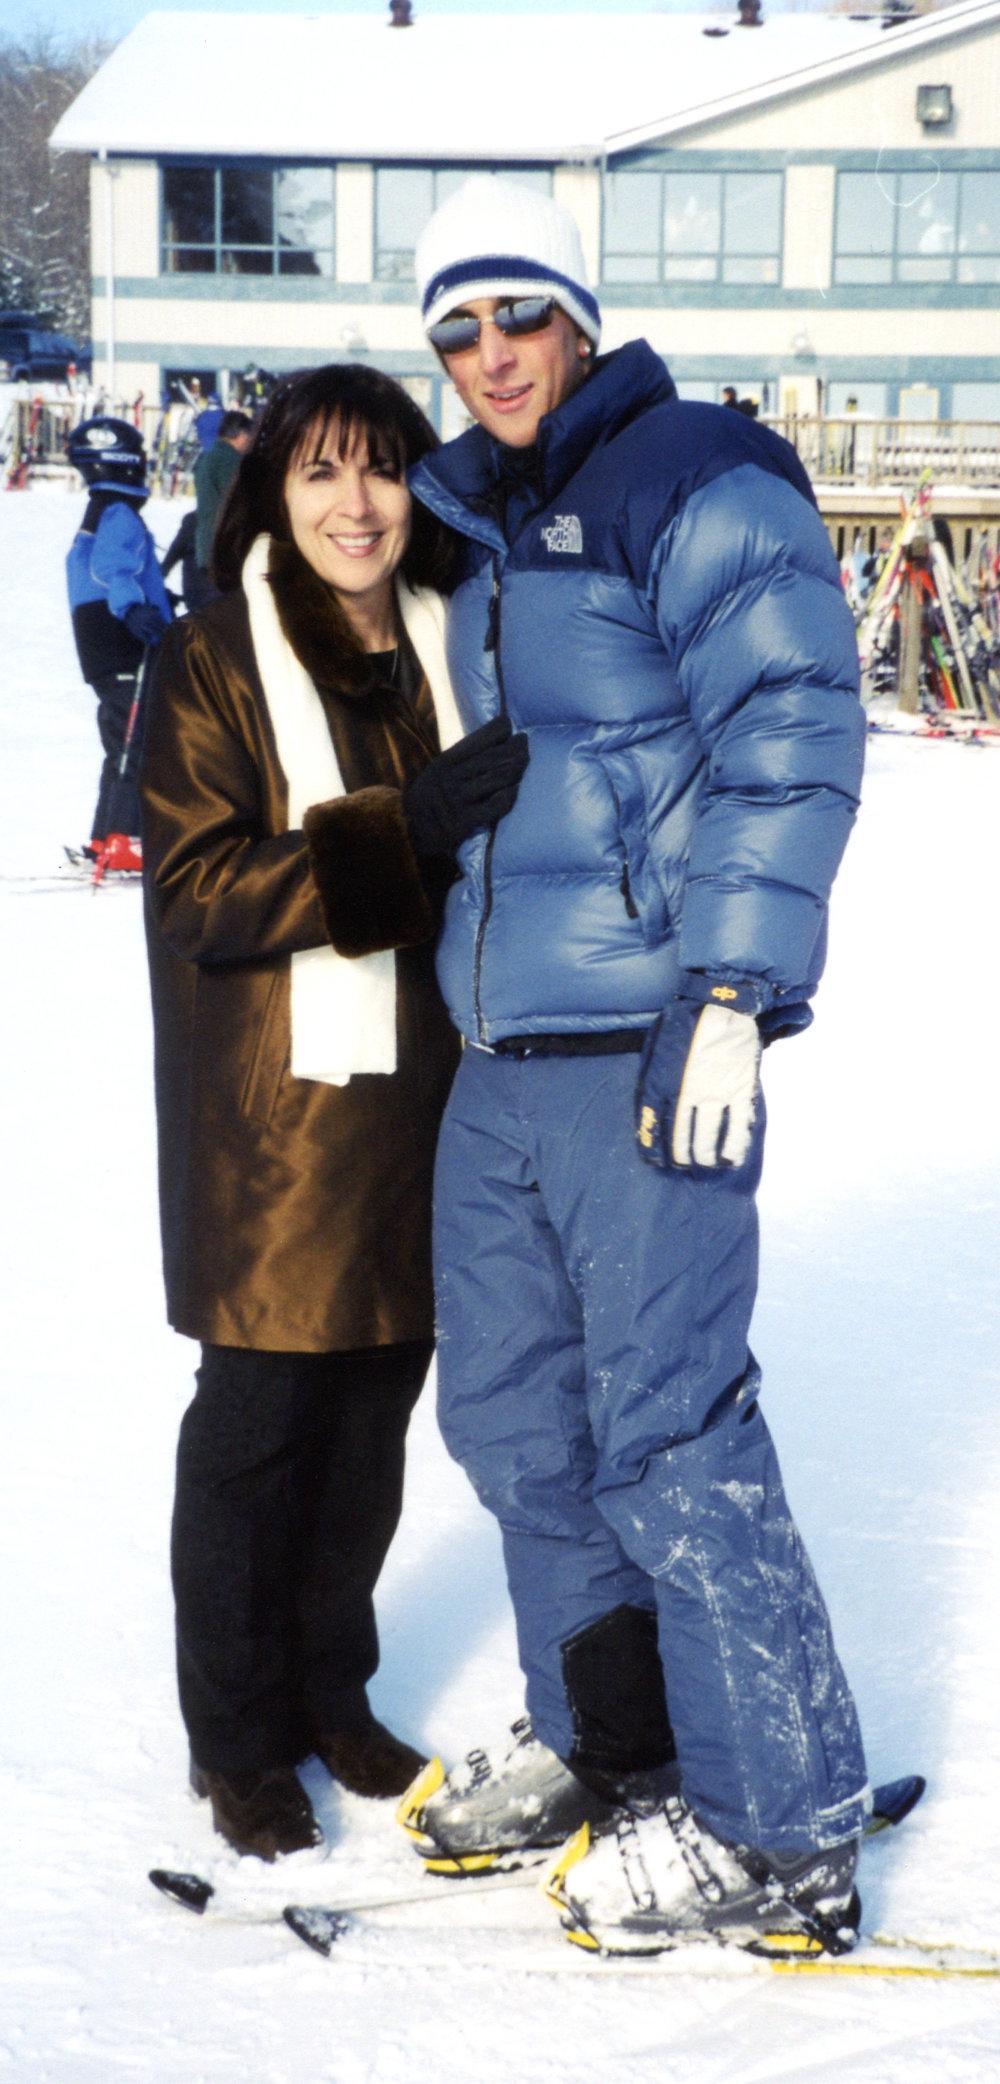 rossana_joseph_skiing.jpg